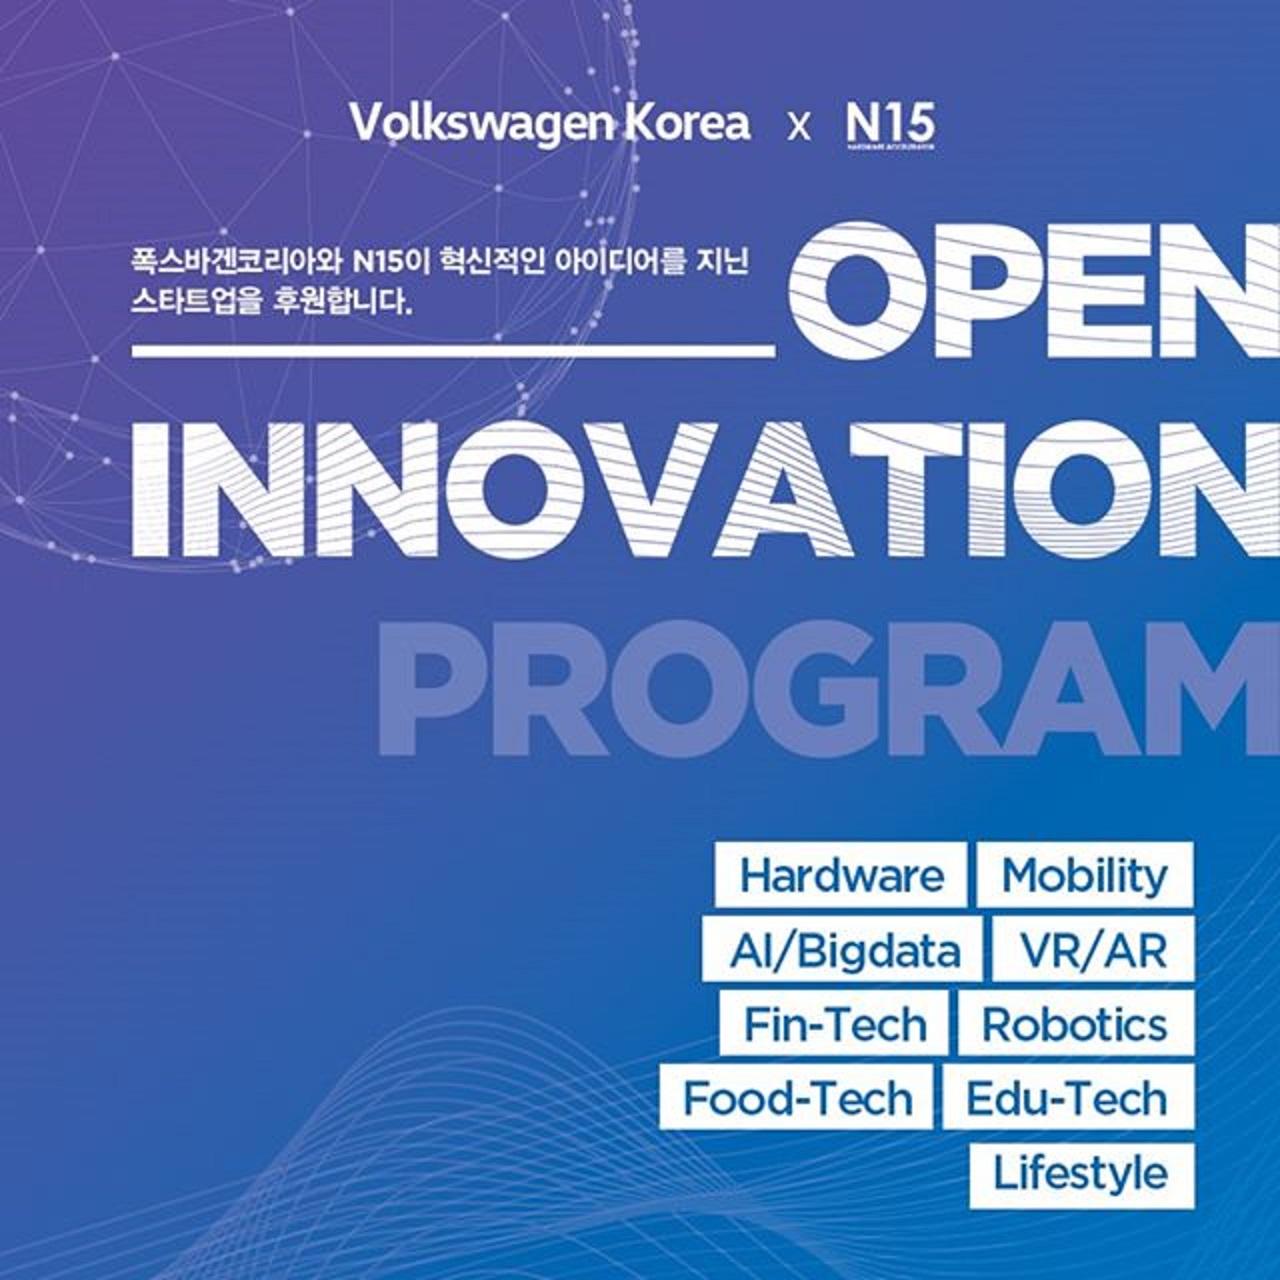 [참고사진] 폭스바겐코리아 X N15 _오픈 이노베이션 2019_ 스타트업 공모전 성료(1)